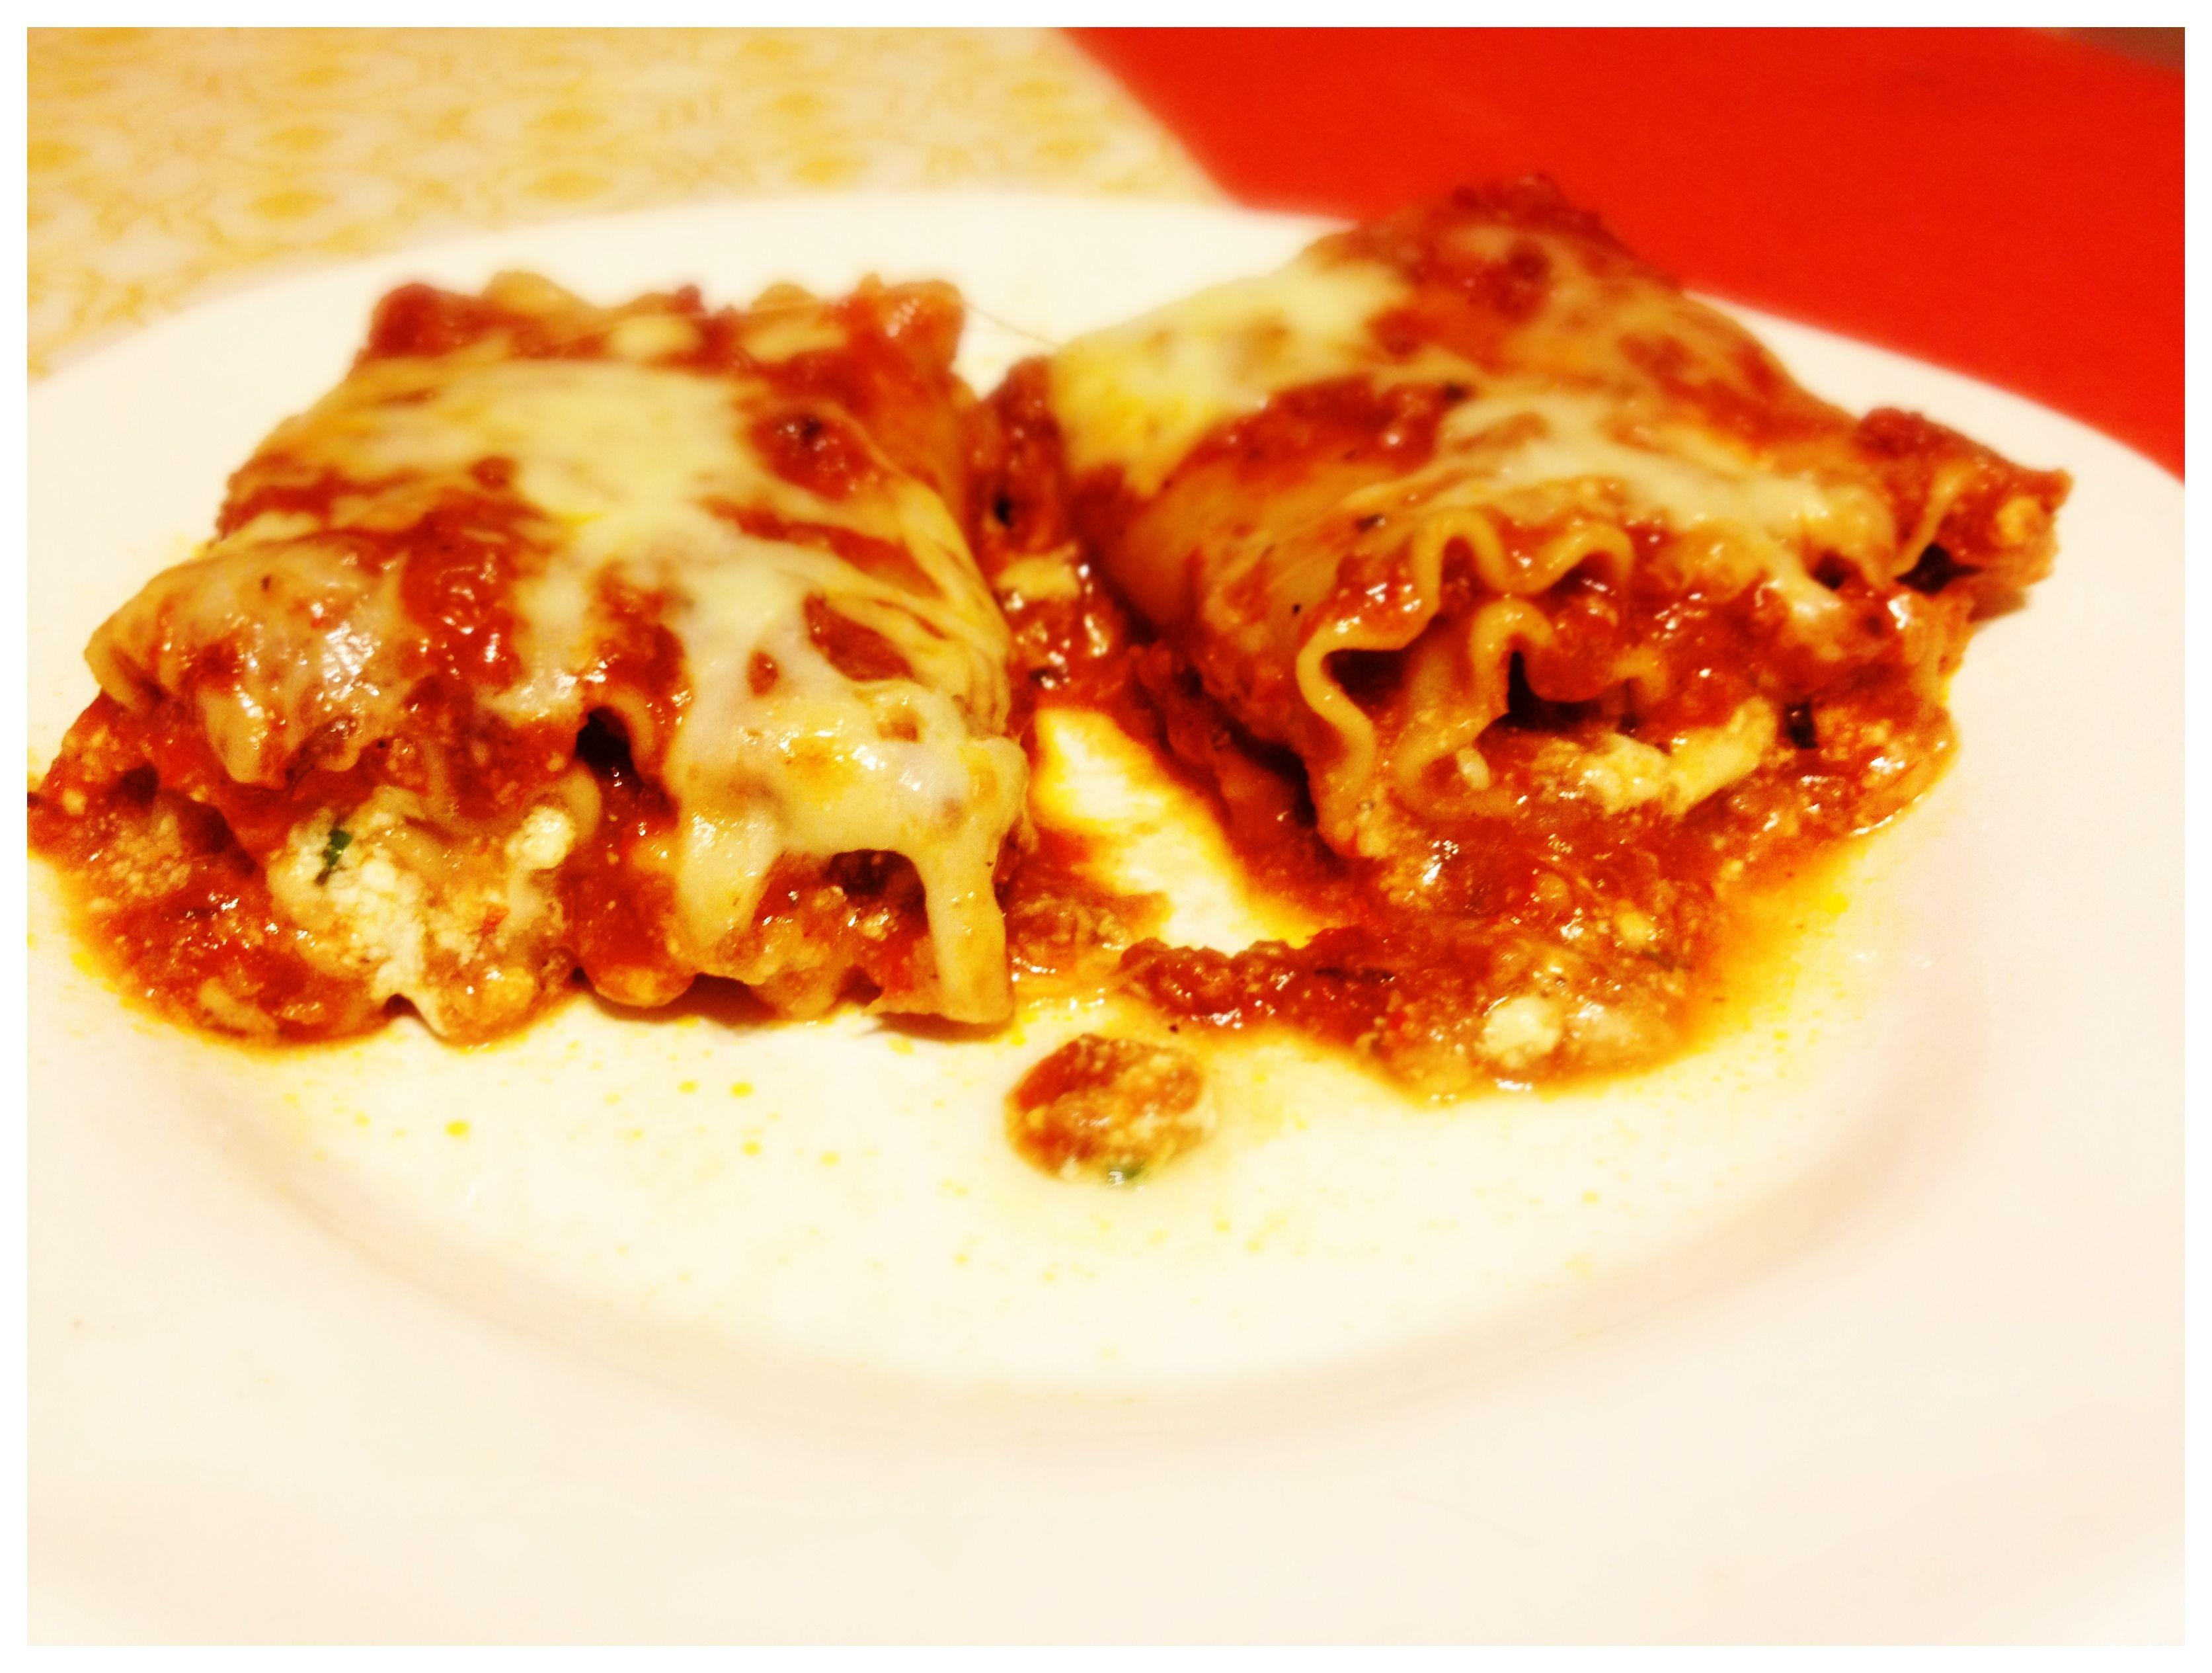 Lasagna Roll-Ups ... they were delicious!